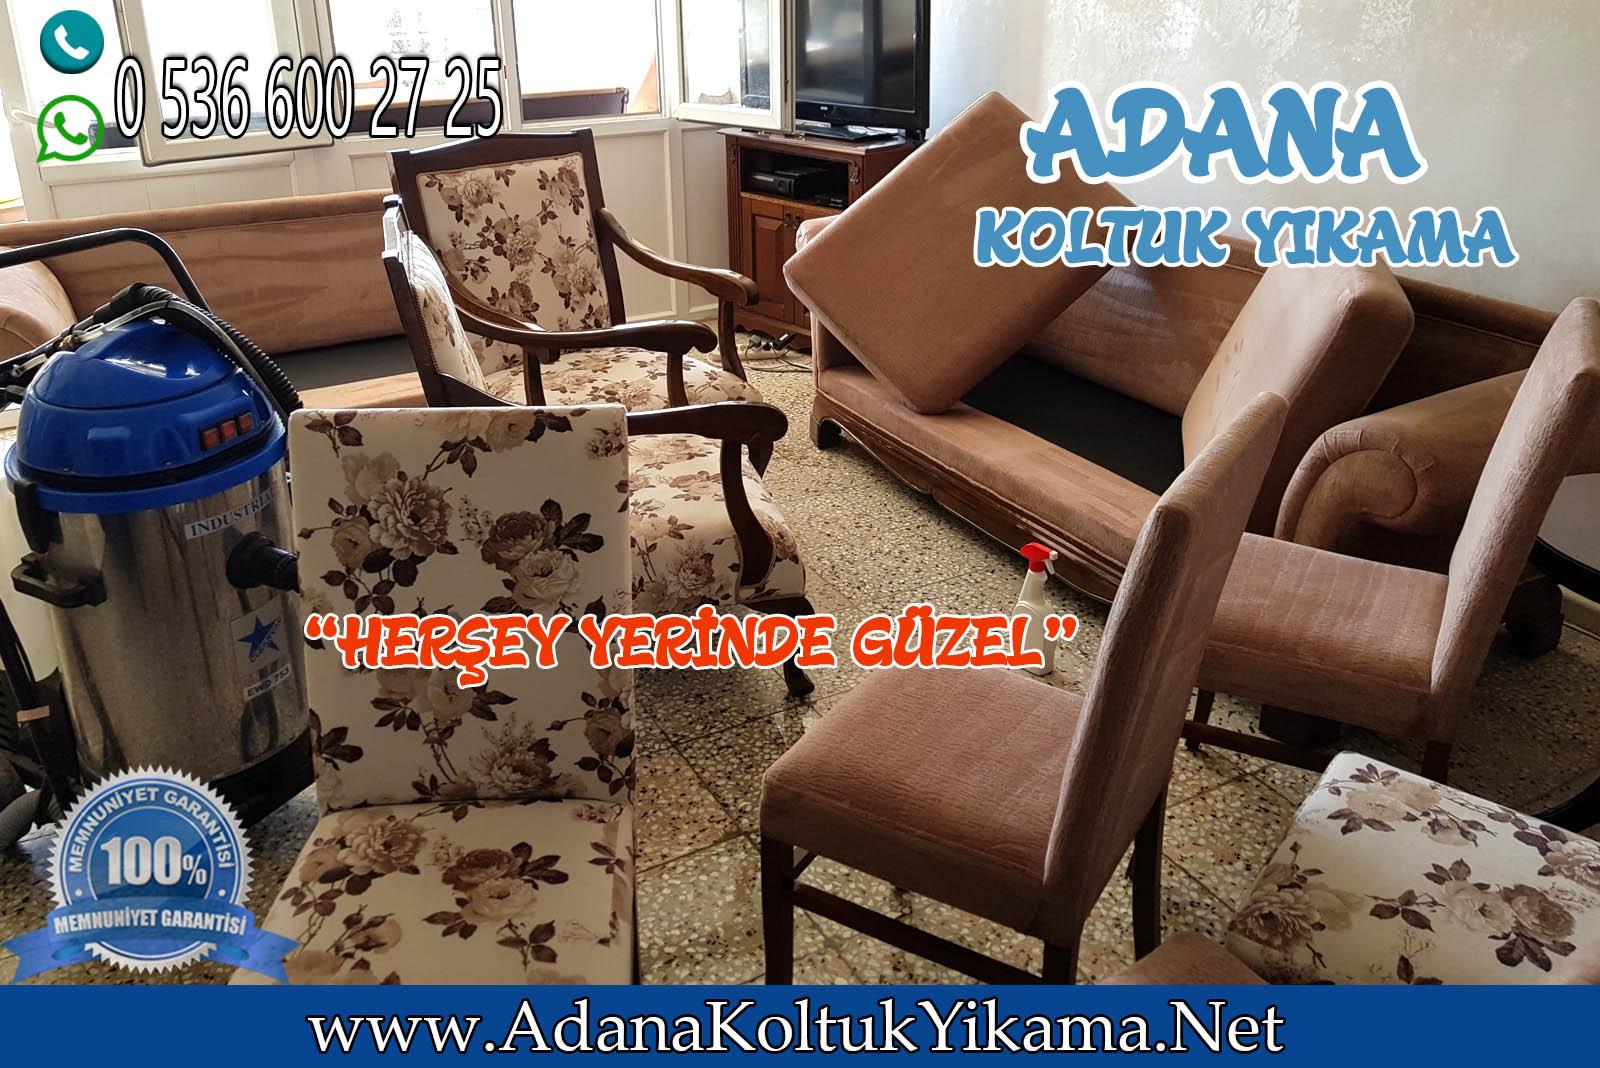 Yüzüncü Yıl Koltuk Yıkama + Adana Koltuk Yıkama + Sandalye Yıkama+ Minder Yıkama